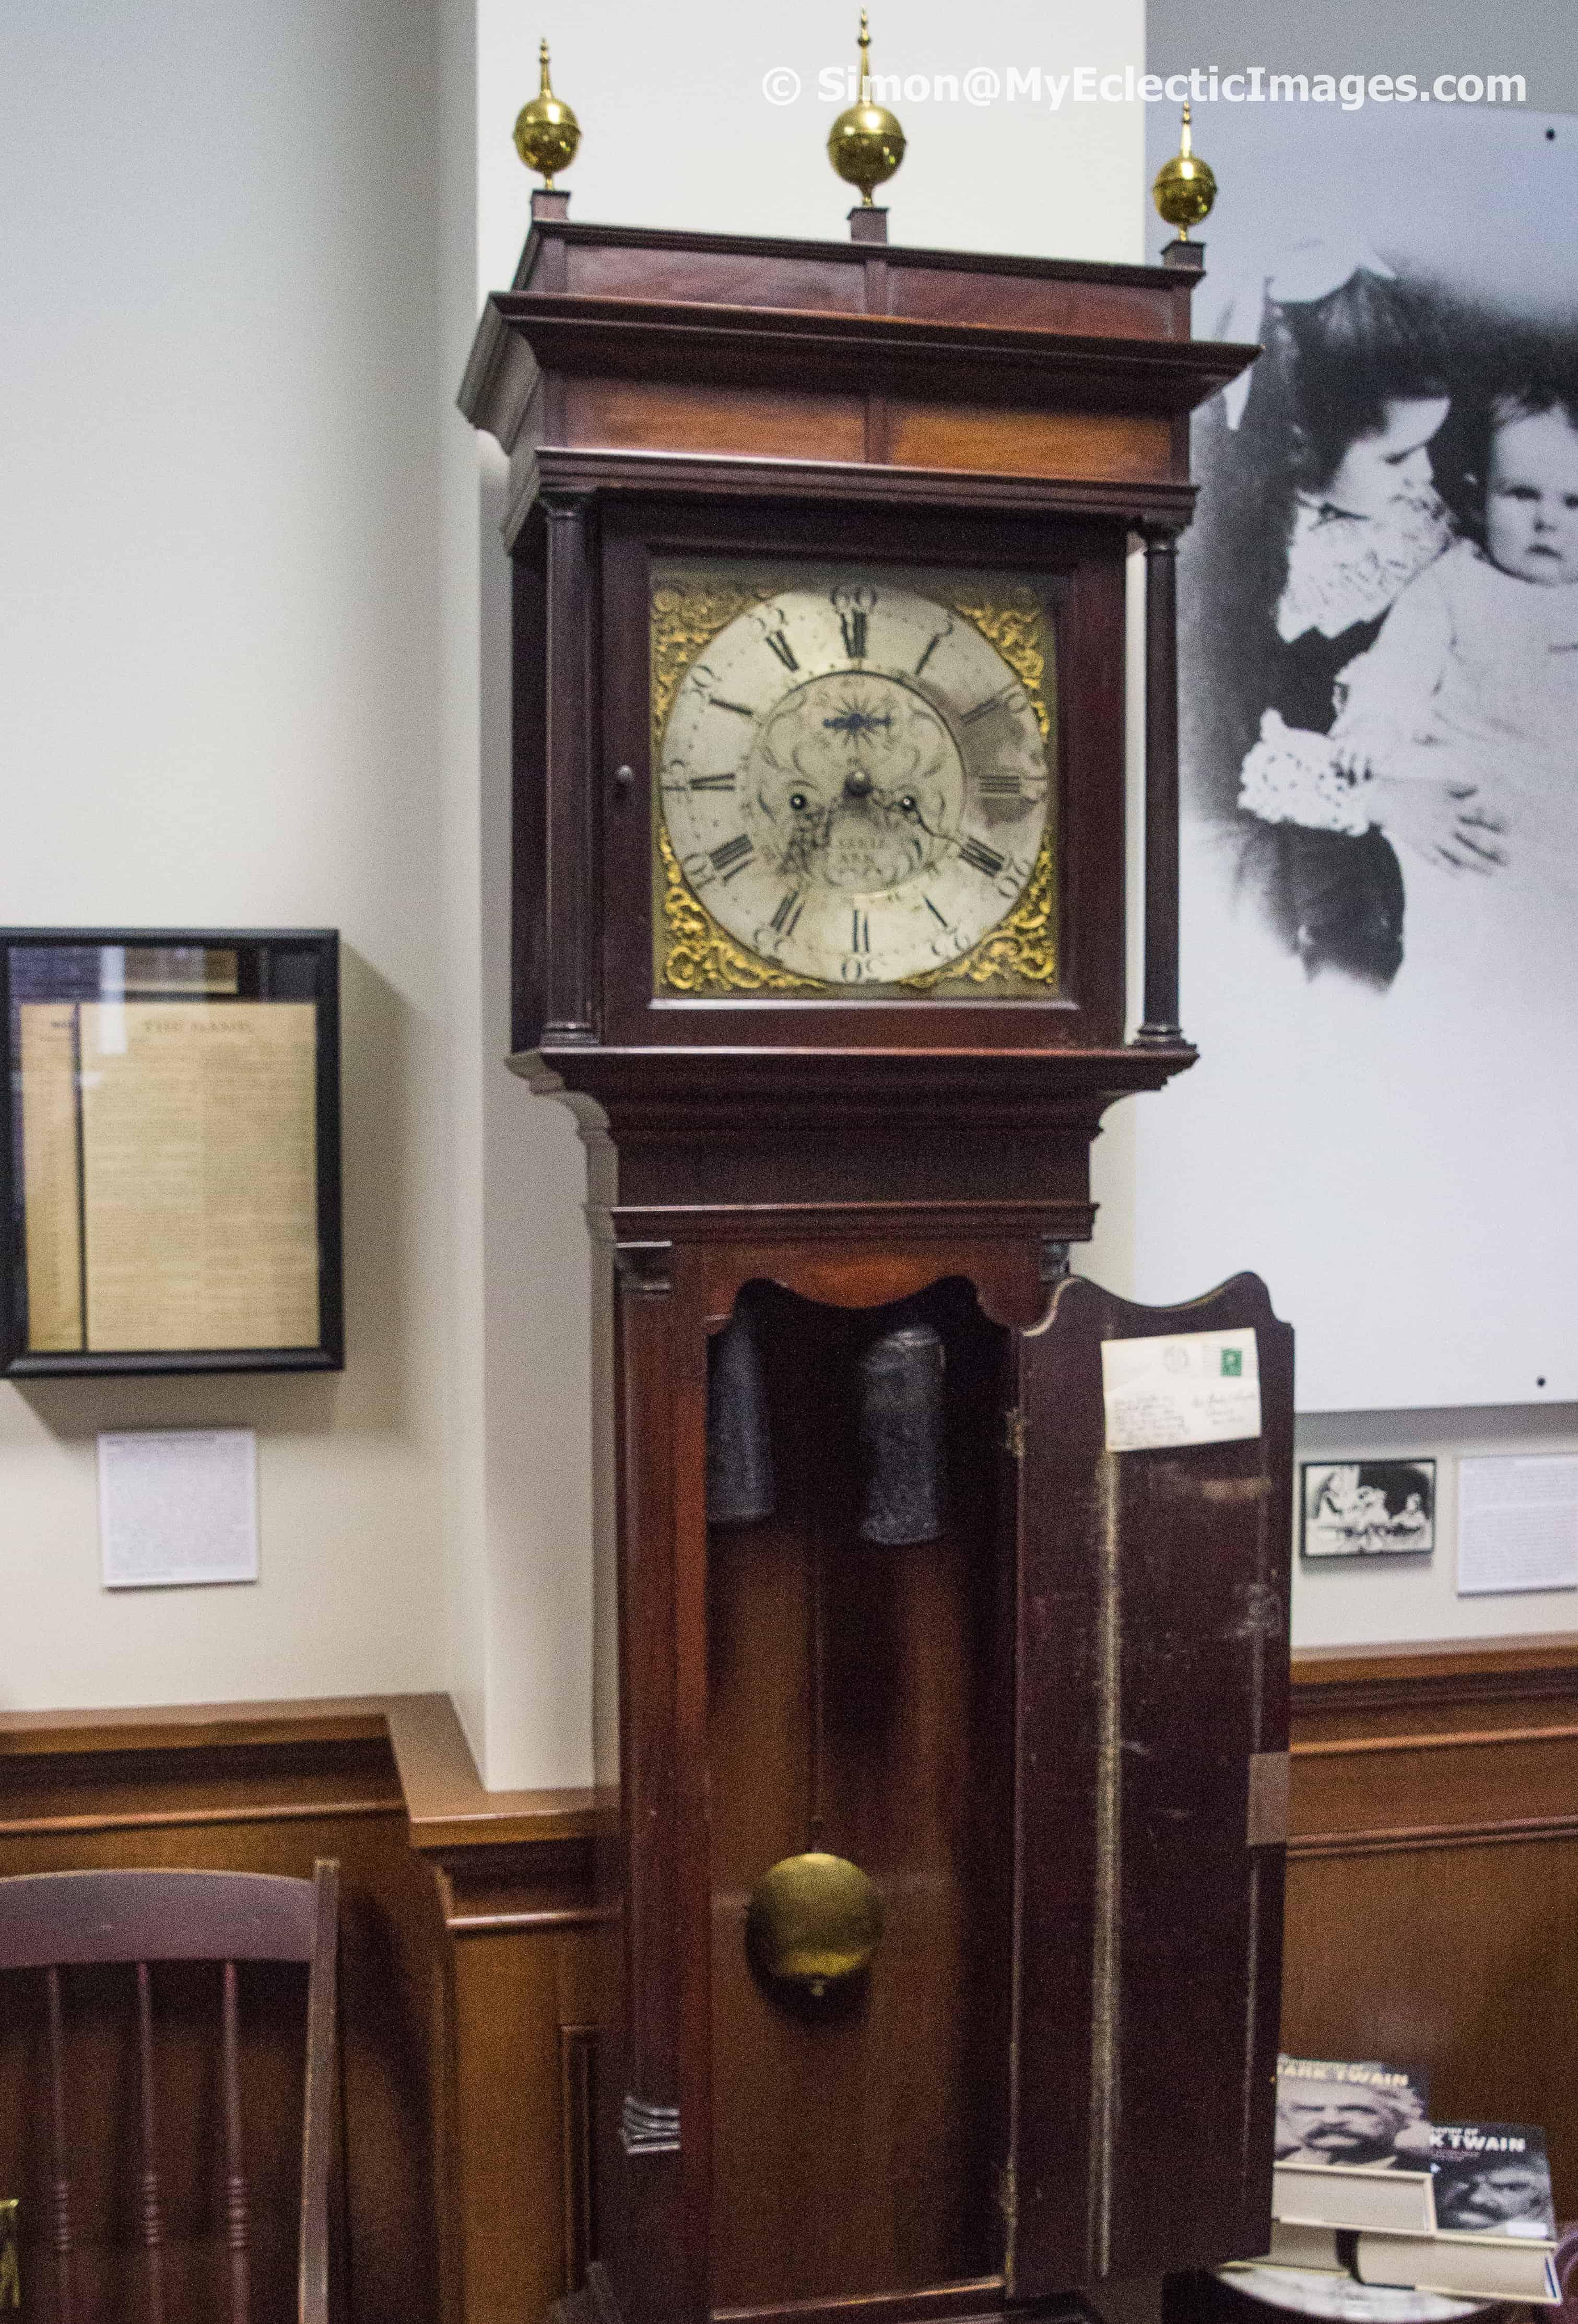 Exhibit of Mark Twain memorabilia